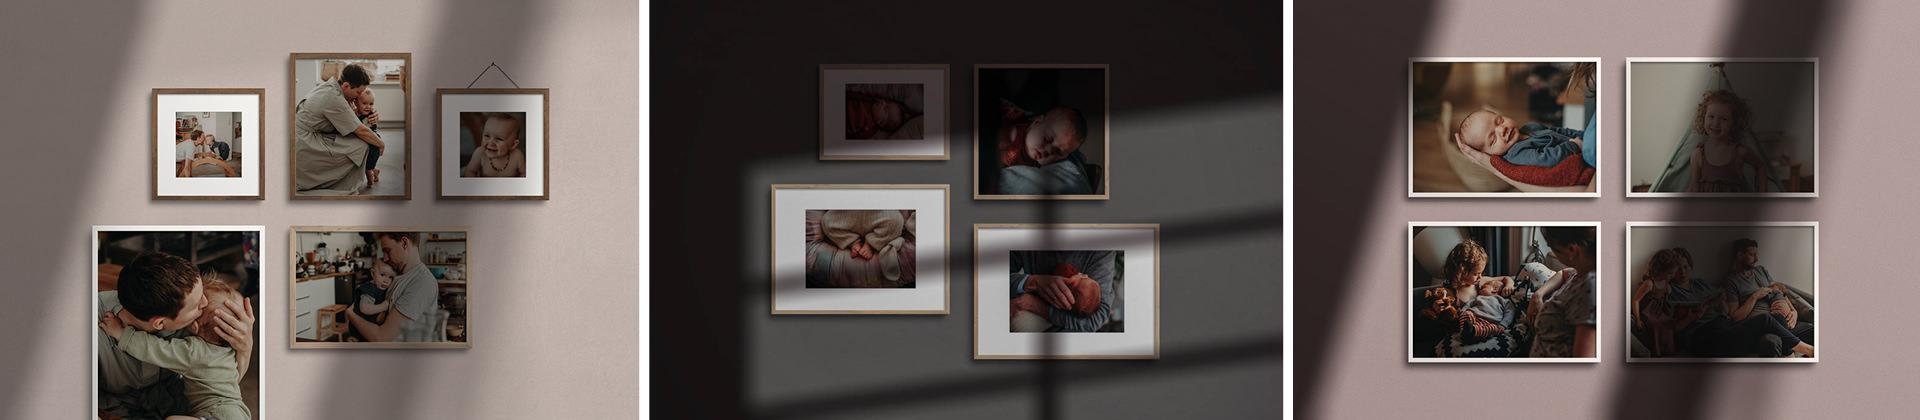 neugeborenen fotoshooting basel